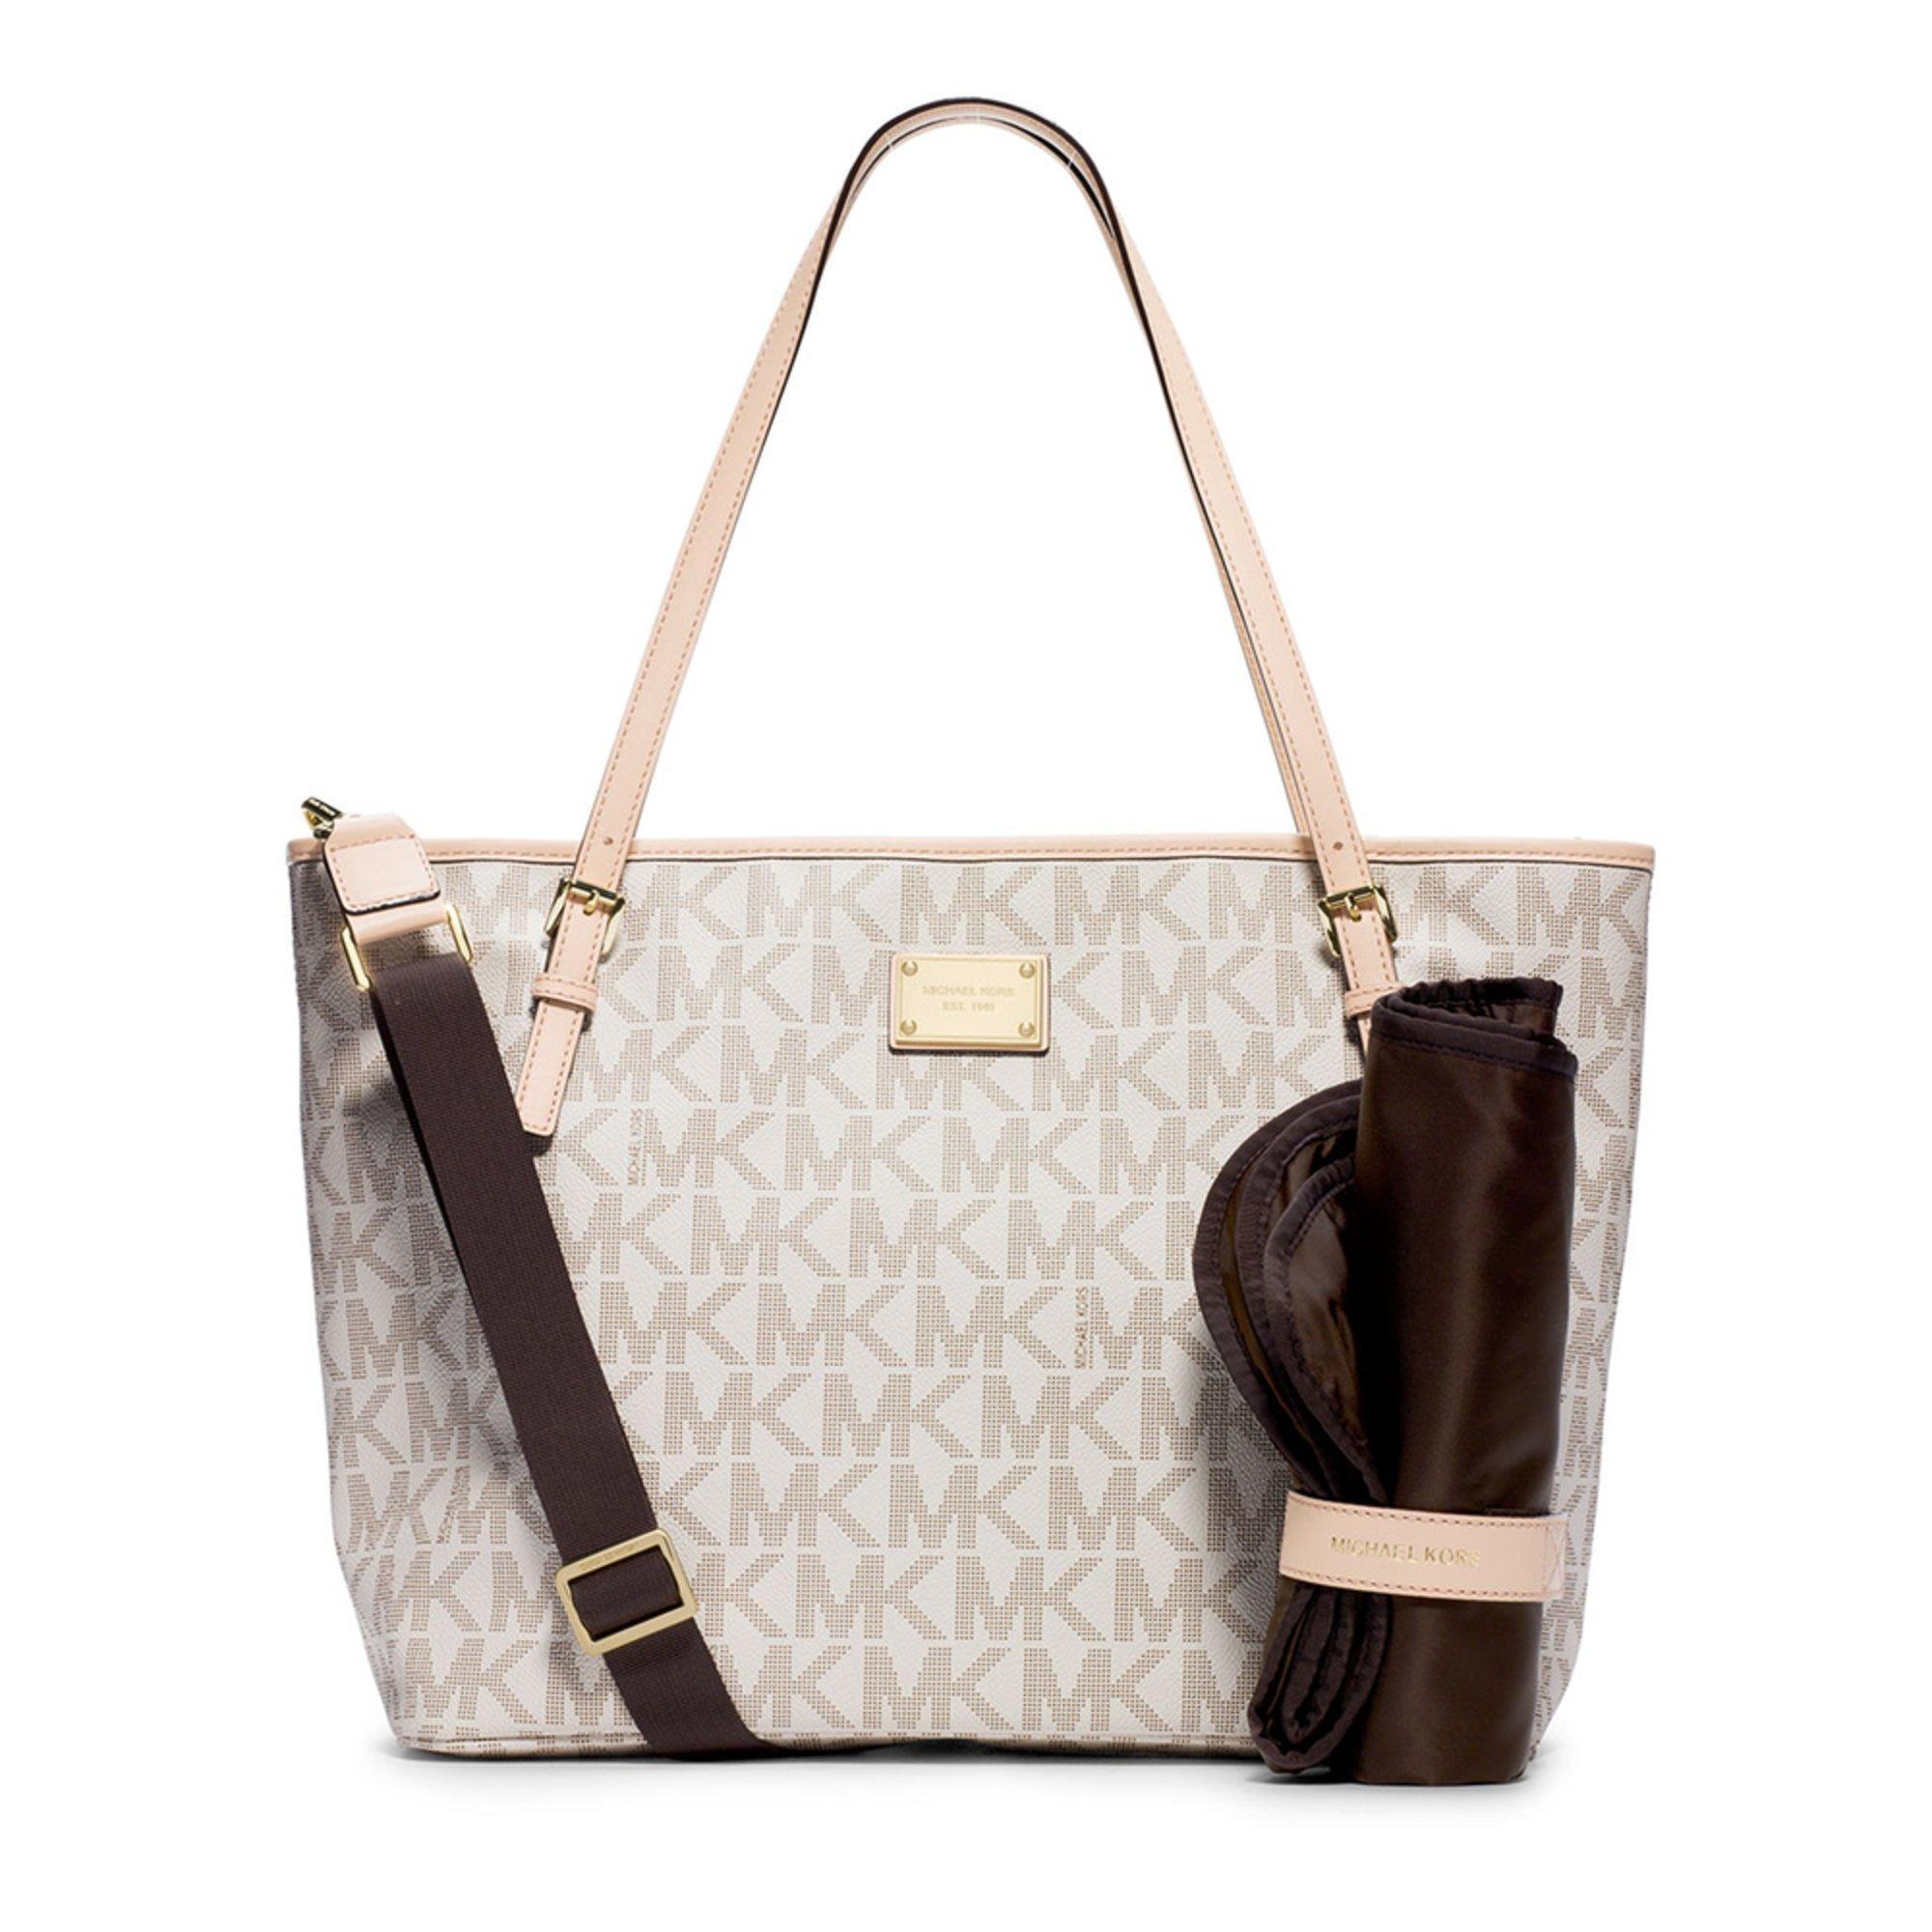 michael michael kors jet set diaper bag vanilla handbags accessories all shop your navy. Black Bedroom Furniture Sets. Home Design Ideas